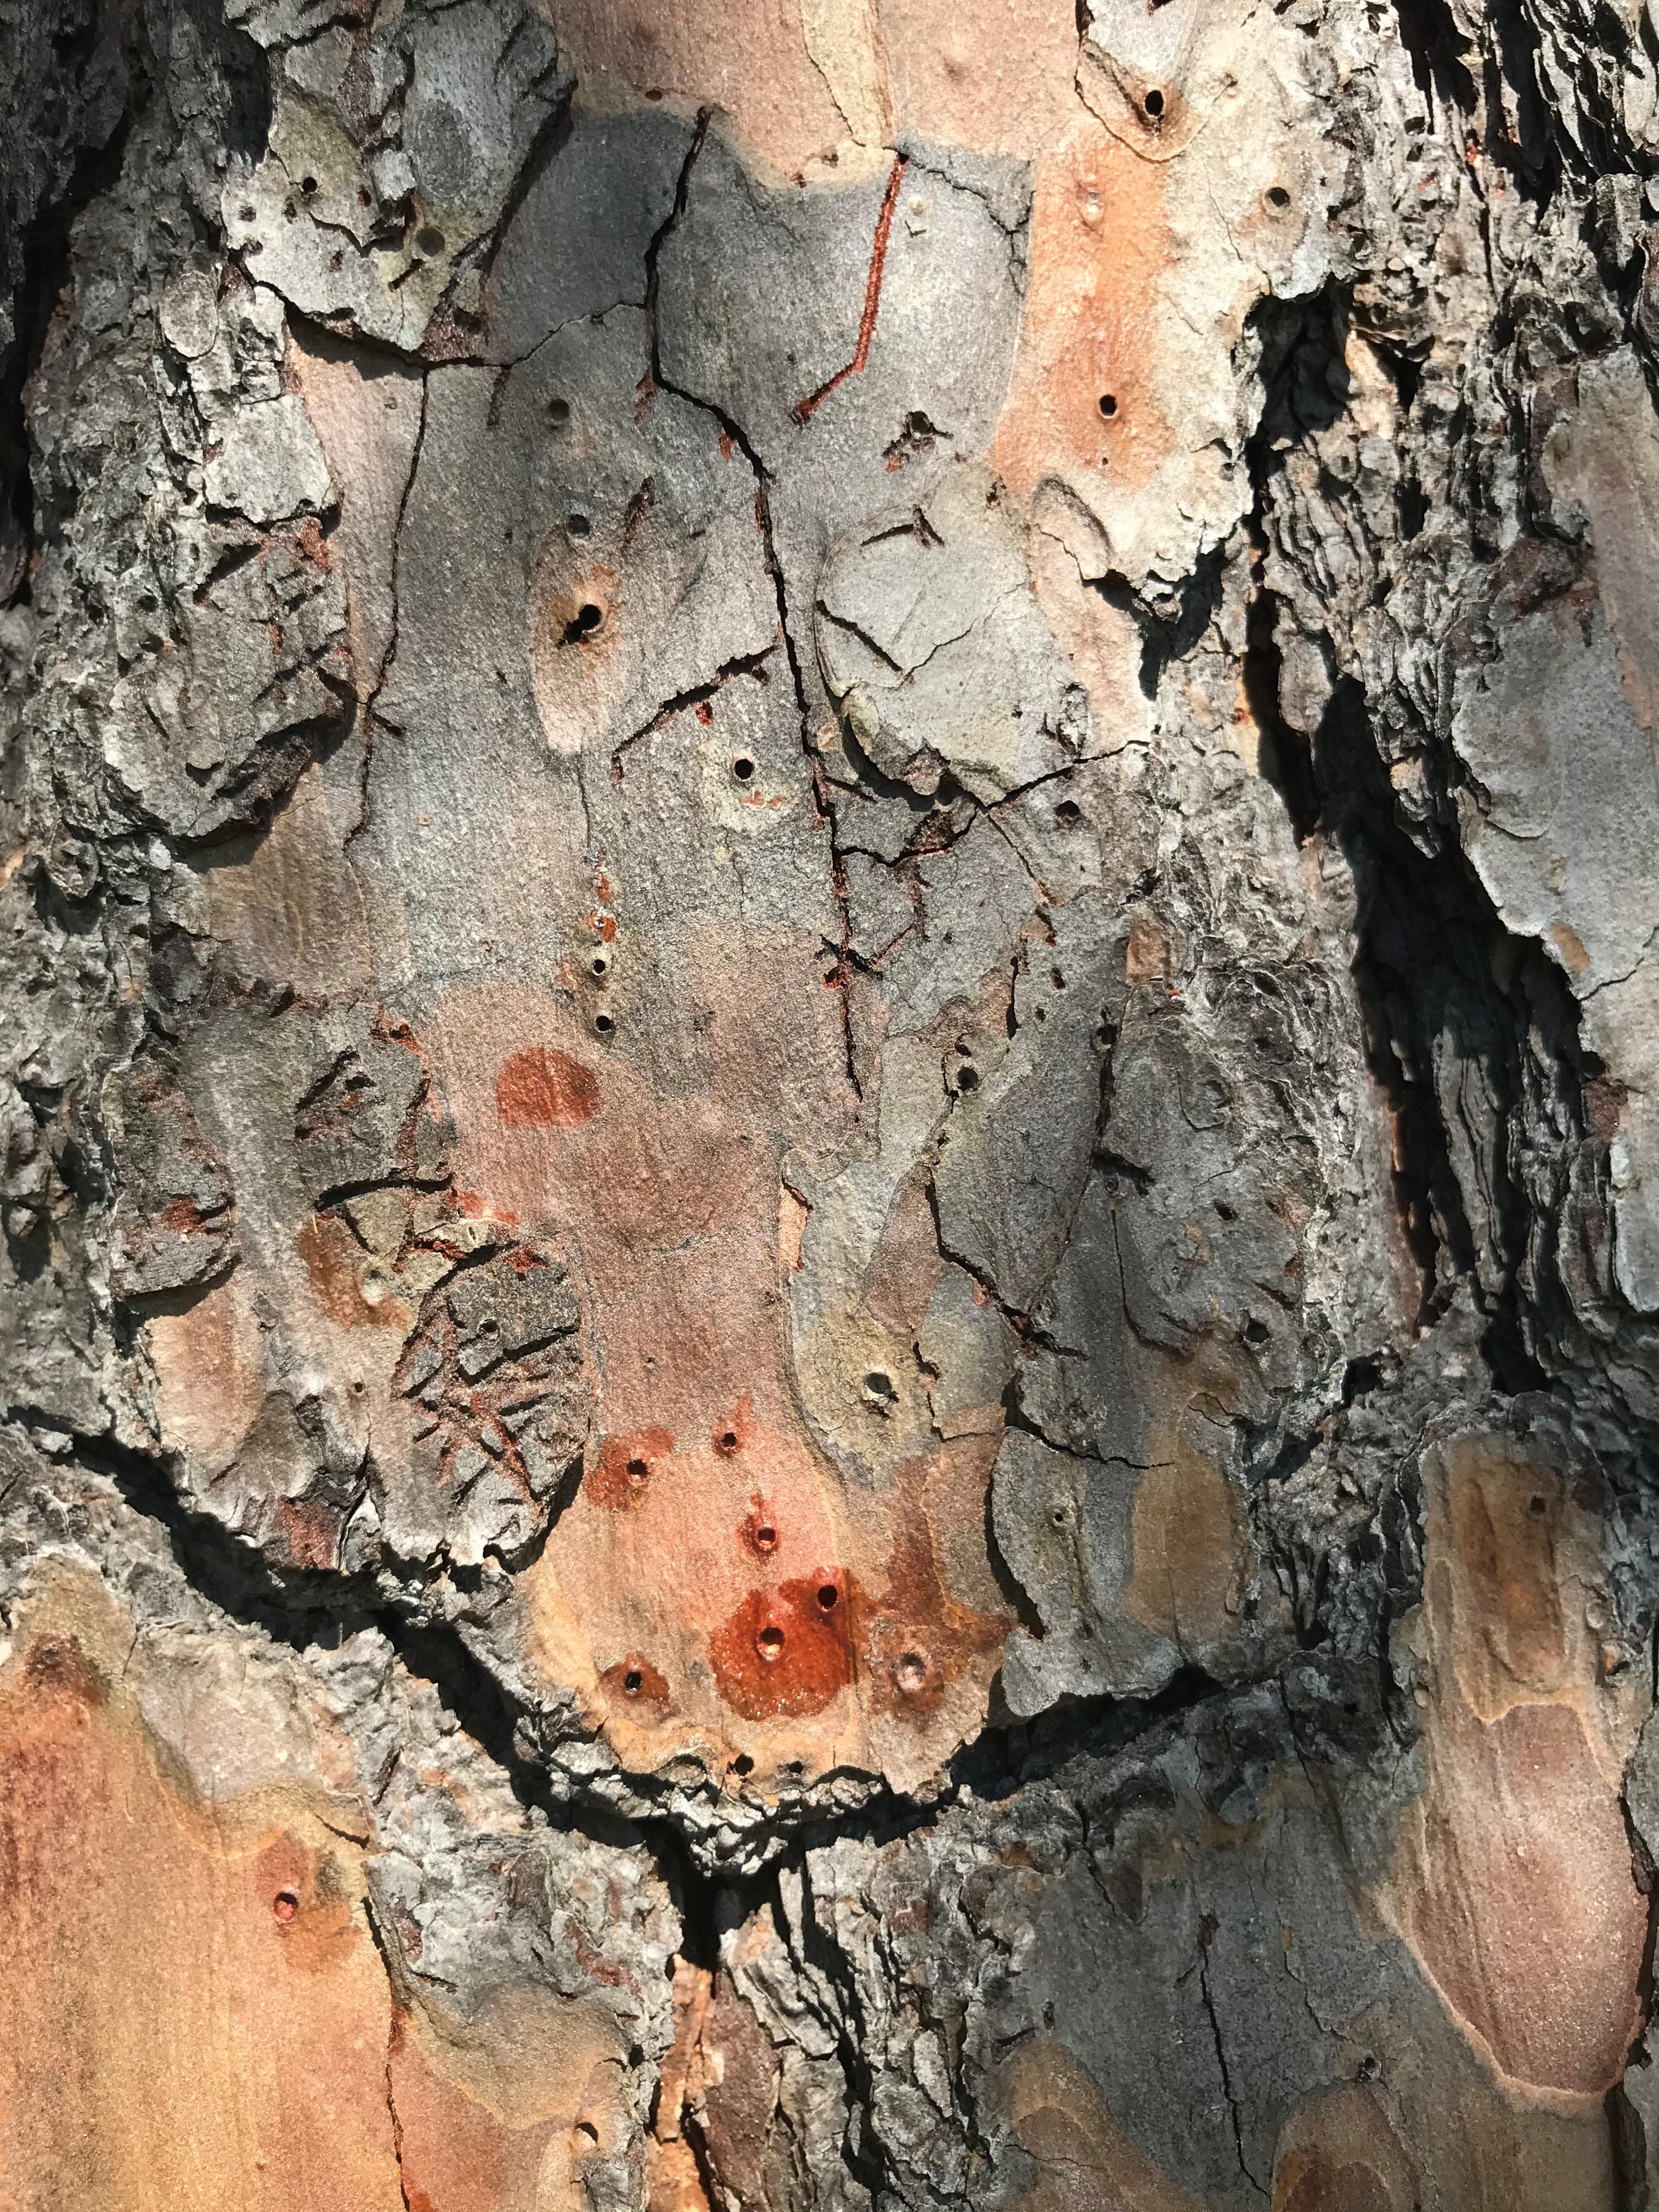 Brown, Wood, Organism, Trunk